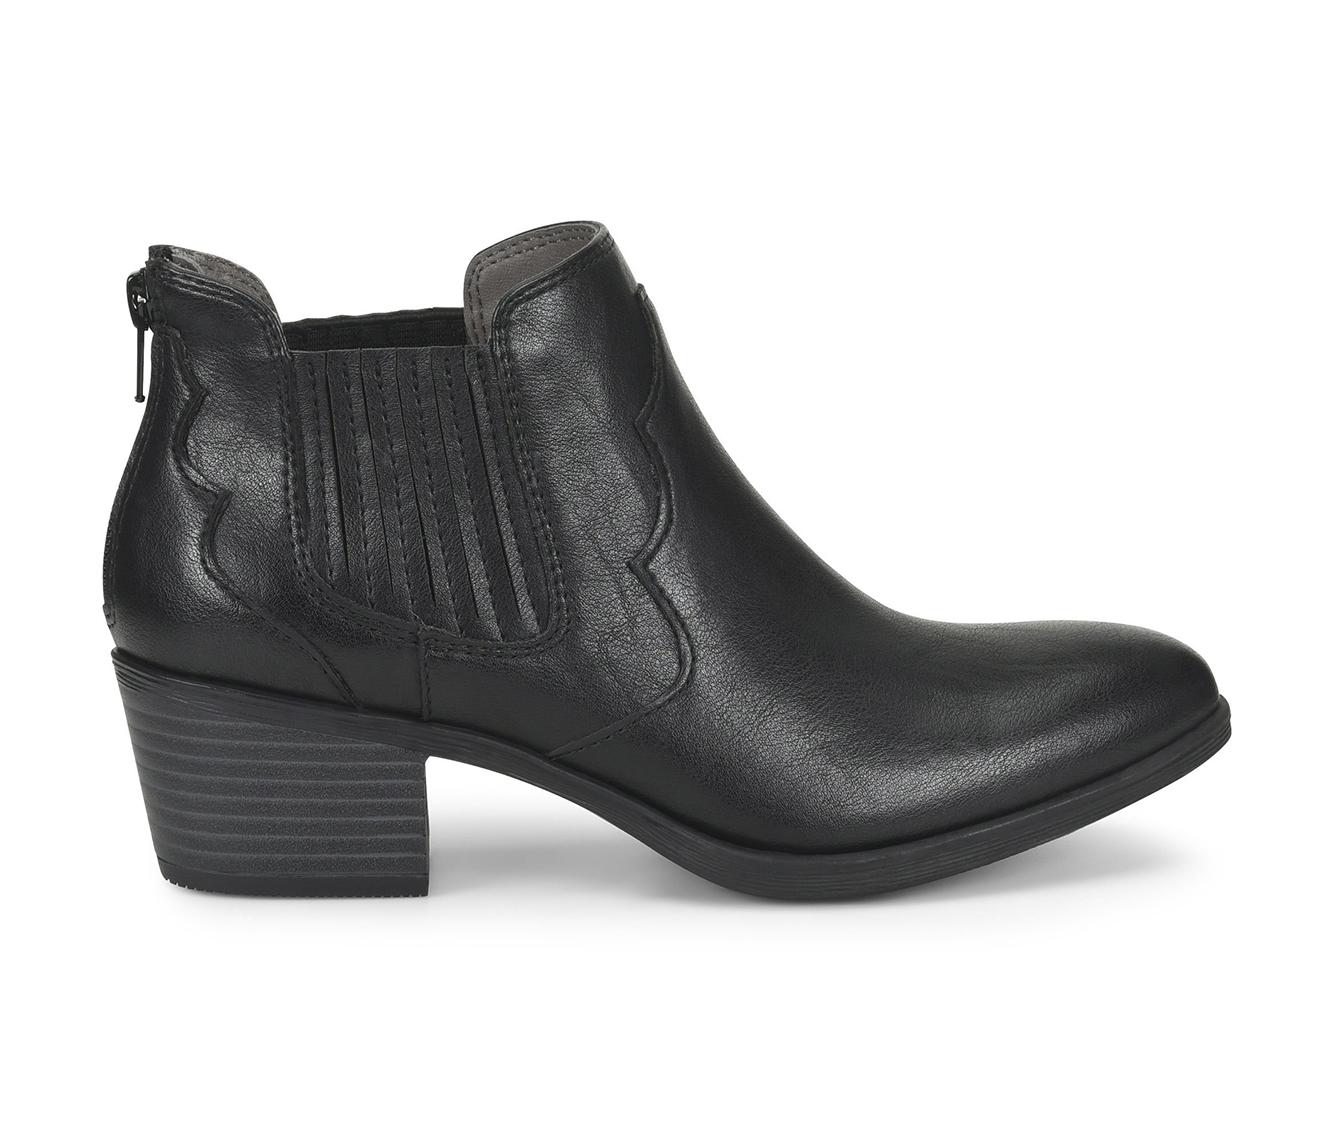 EuroSoft Adalene Women's Boots (Black - Faux Leather)